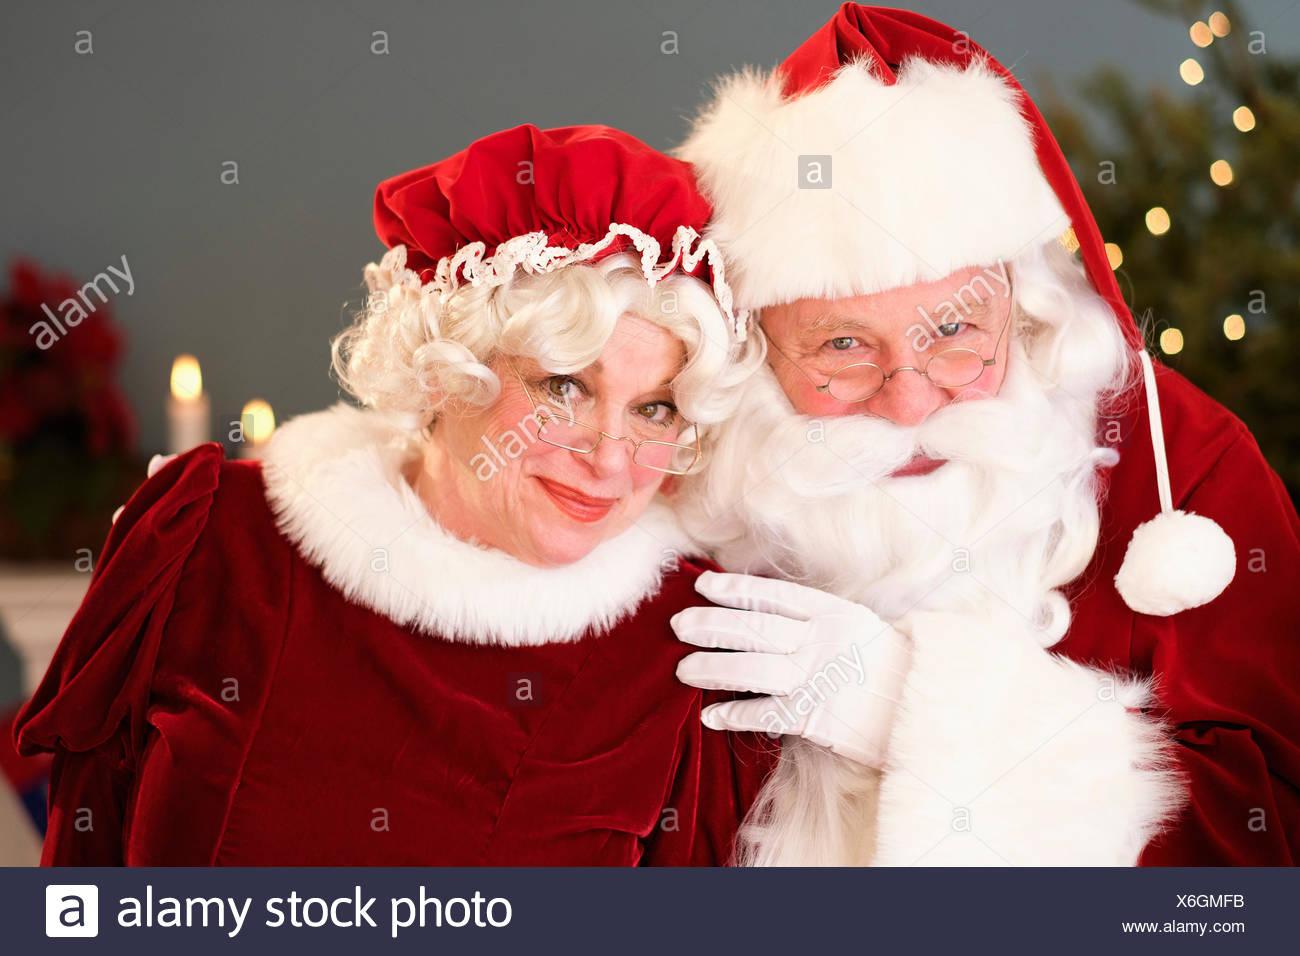 Porträt von Weihnachtsmann und Weihnachtsfrau Stockbild